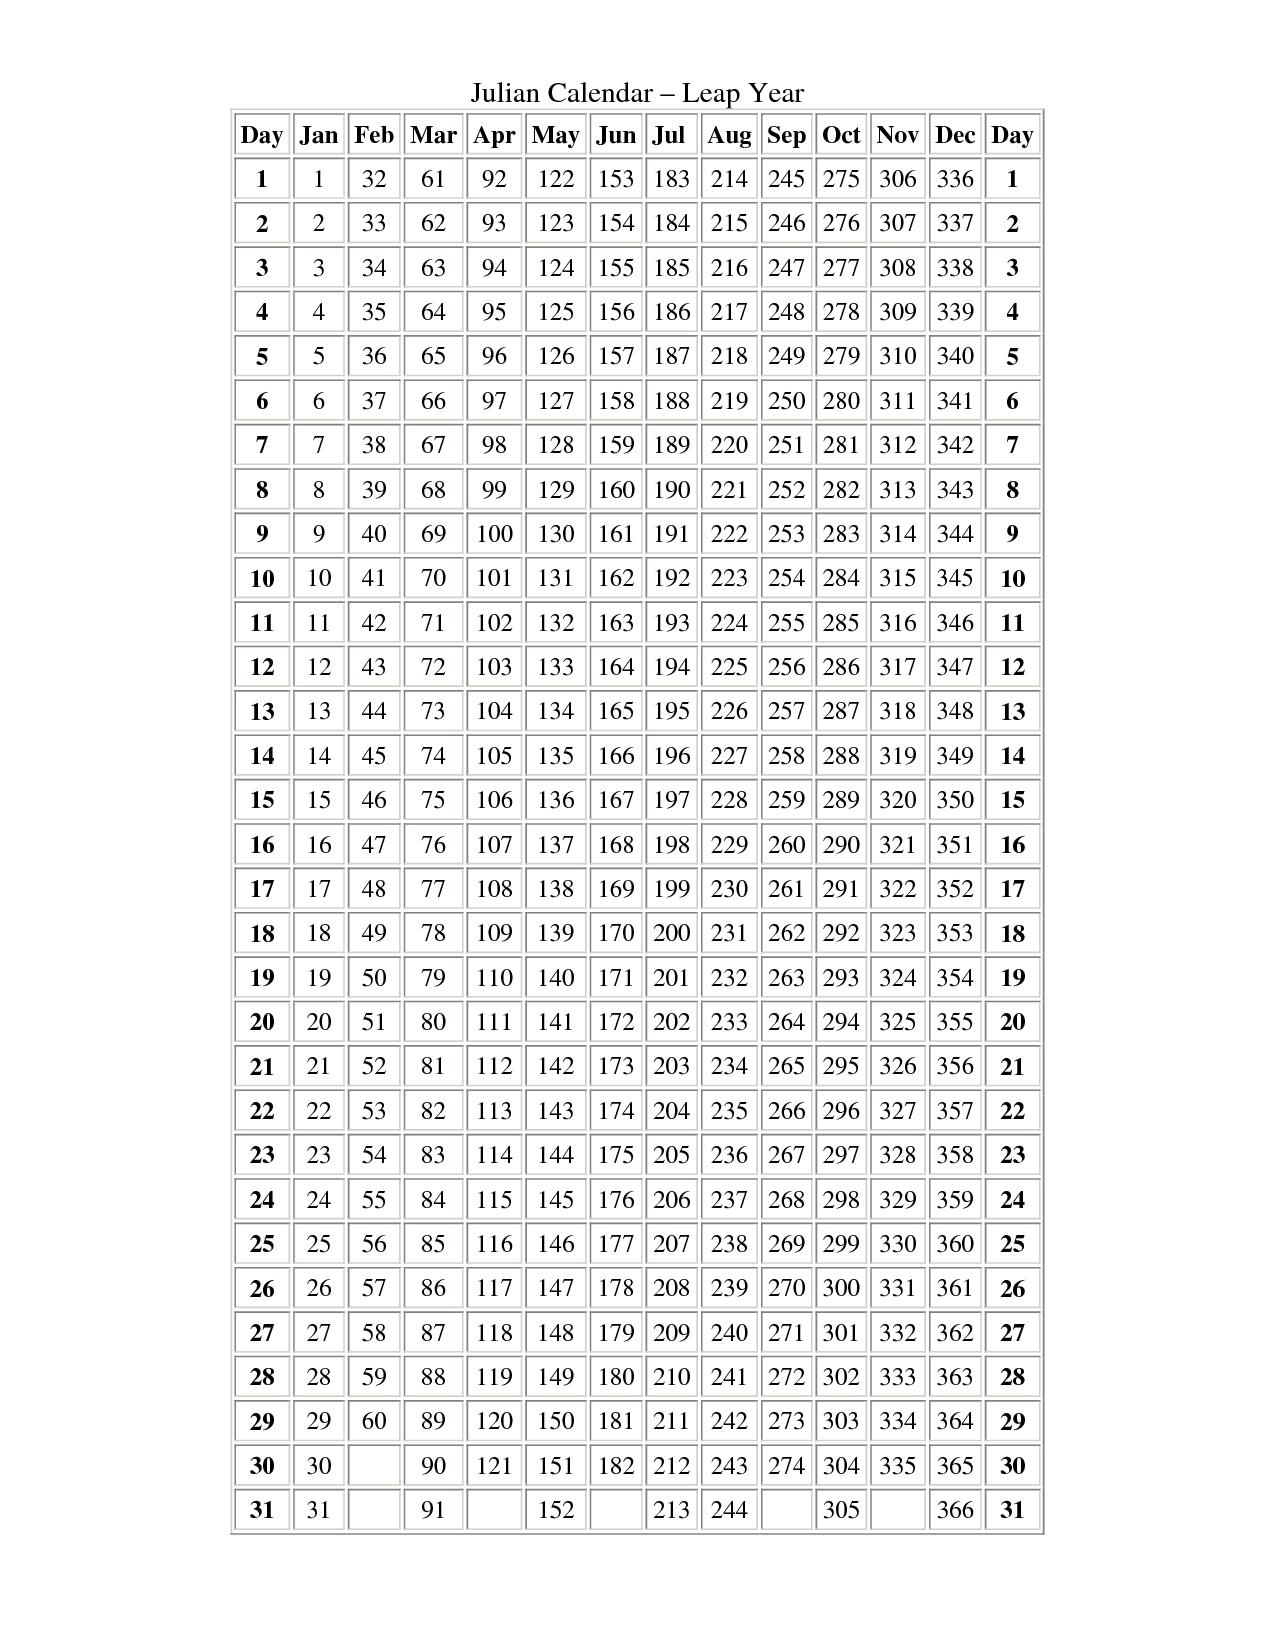 Non Leap Year Julian Calendar | Example Calendar Printable regarding Julian Calendar Leap Year